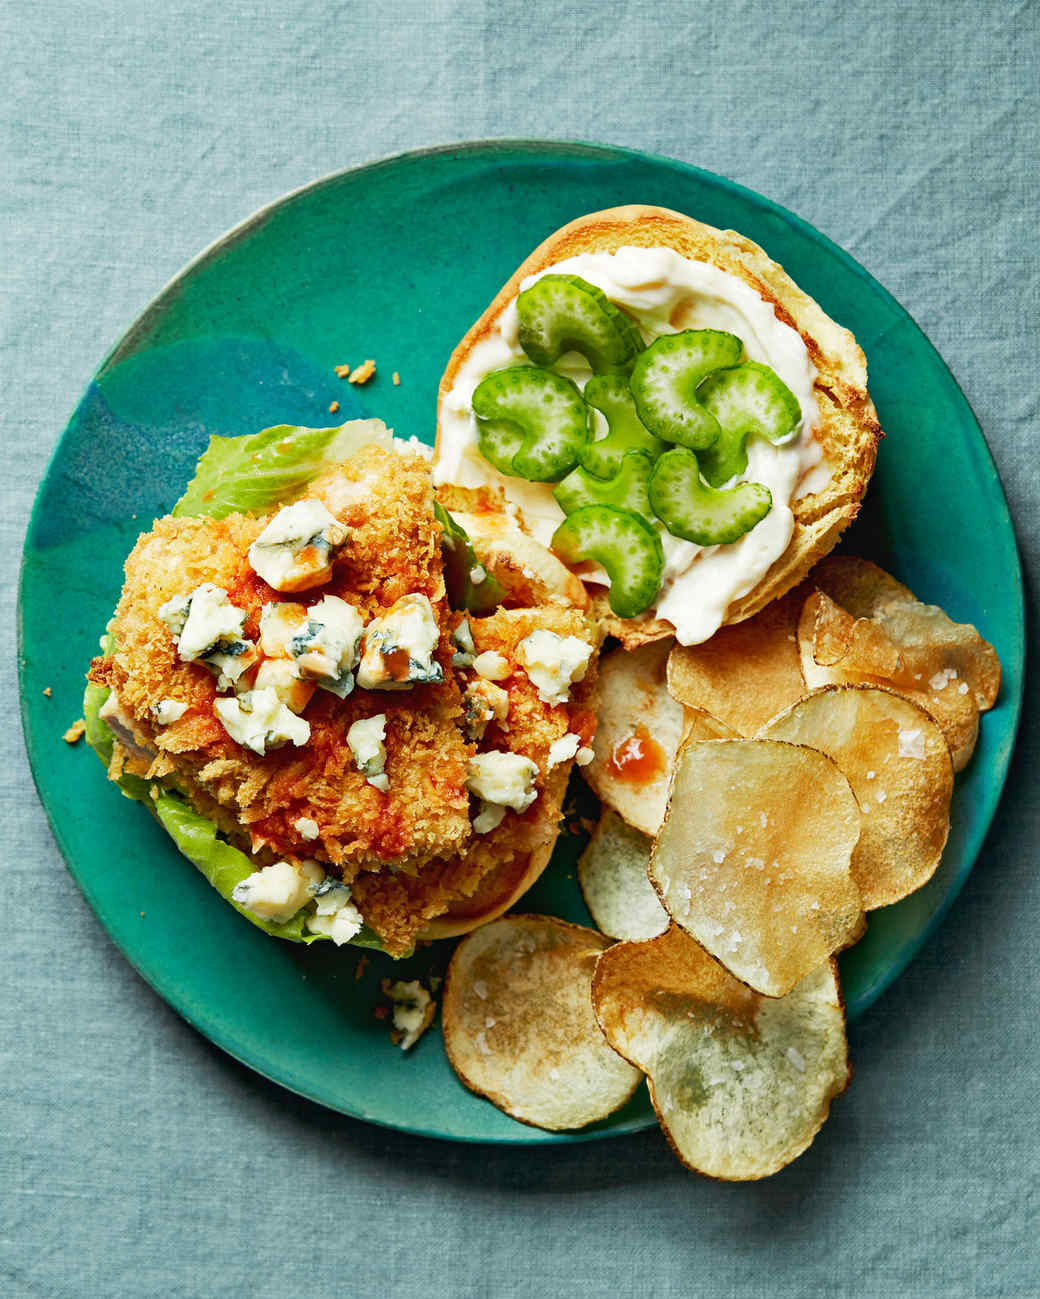 Prepara estos sandwiches de pollo empanizado